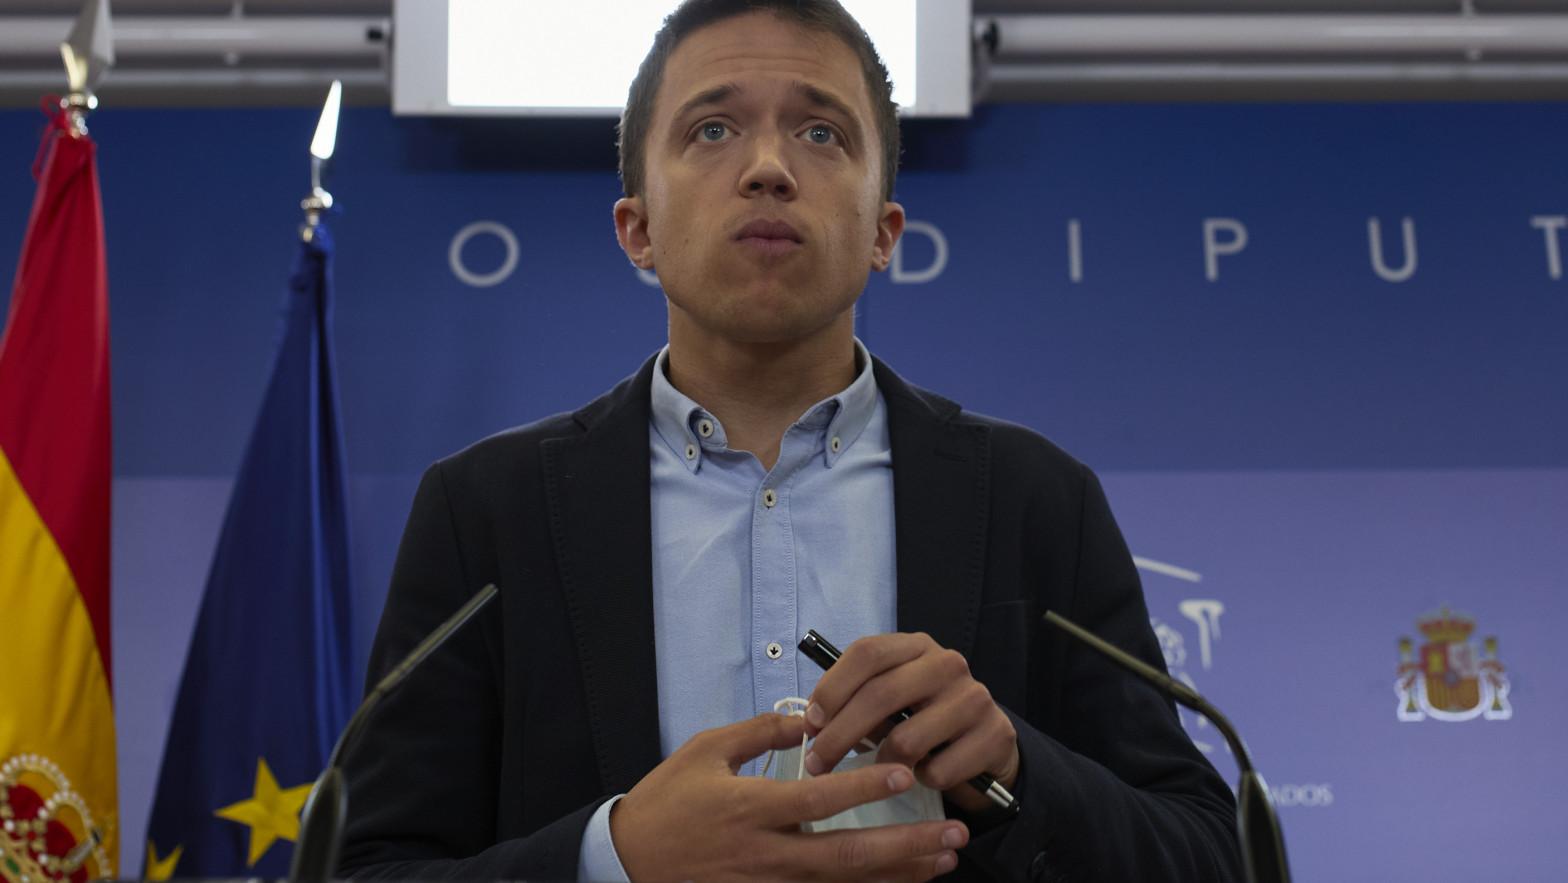 La juez incoa diligencias por la denuncia por agresión contra Íñigo Errejón